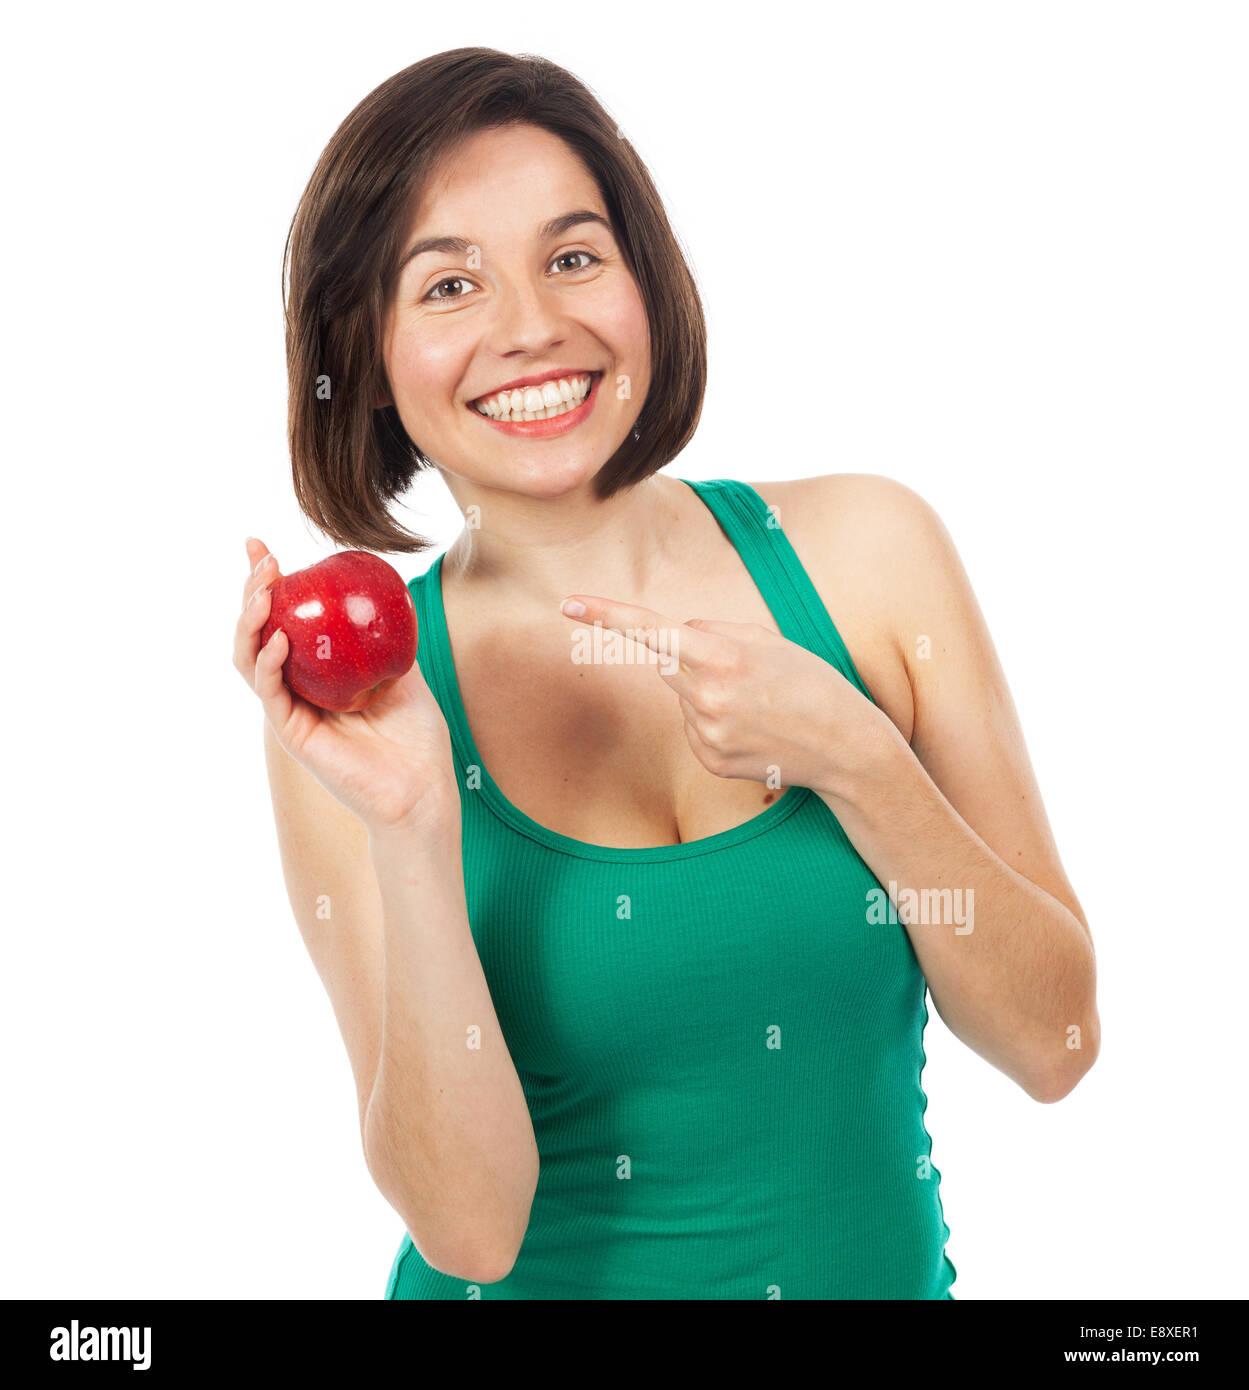 Hermosa joven holding y mostrando una manzana roja, aislado en blanco Imagen De Stock